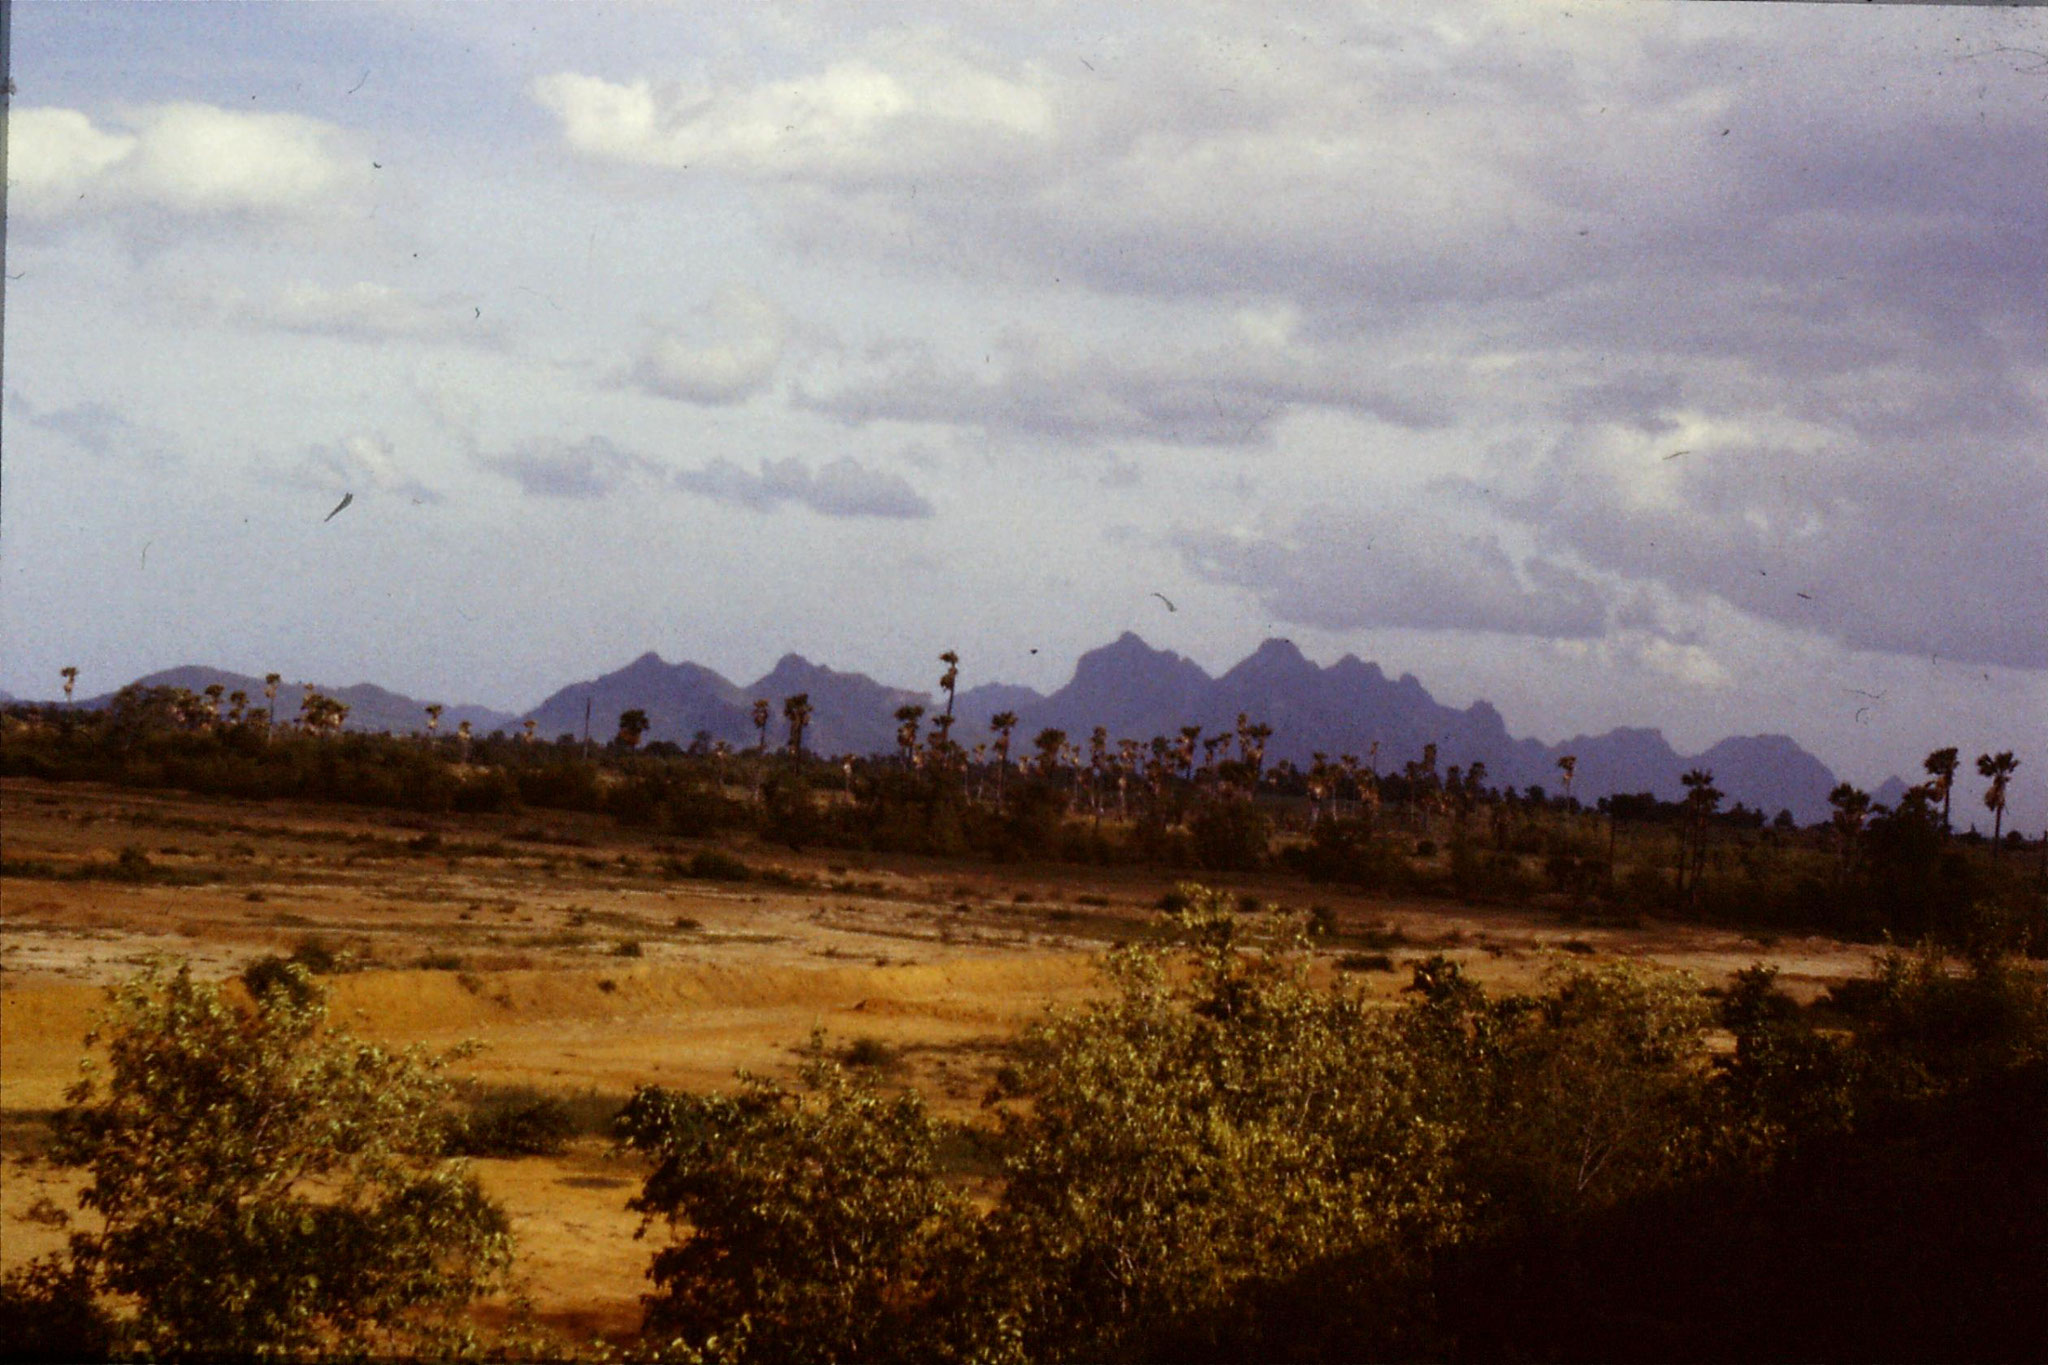 18/6/1990: 15: train to Kota Bharu, hills and palms after Huattin 5.40pm